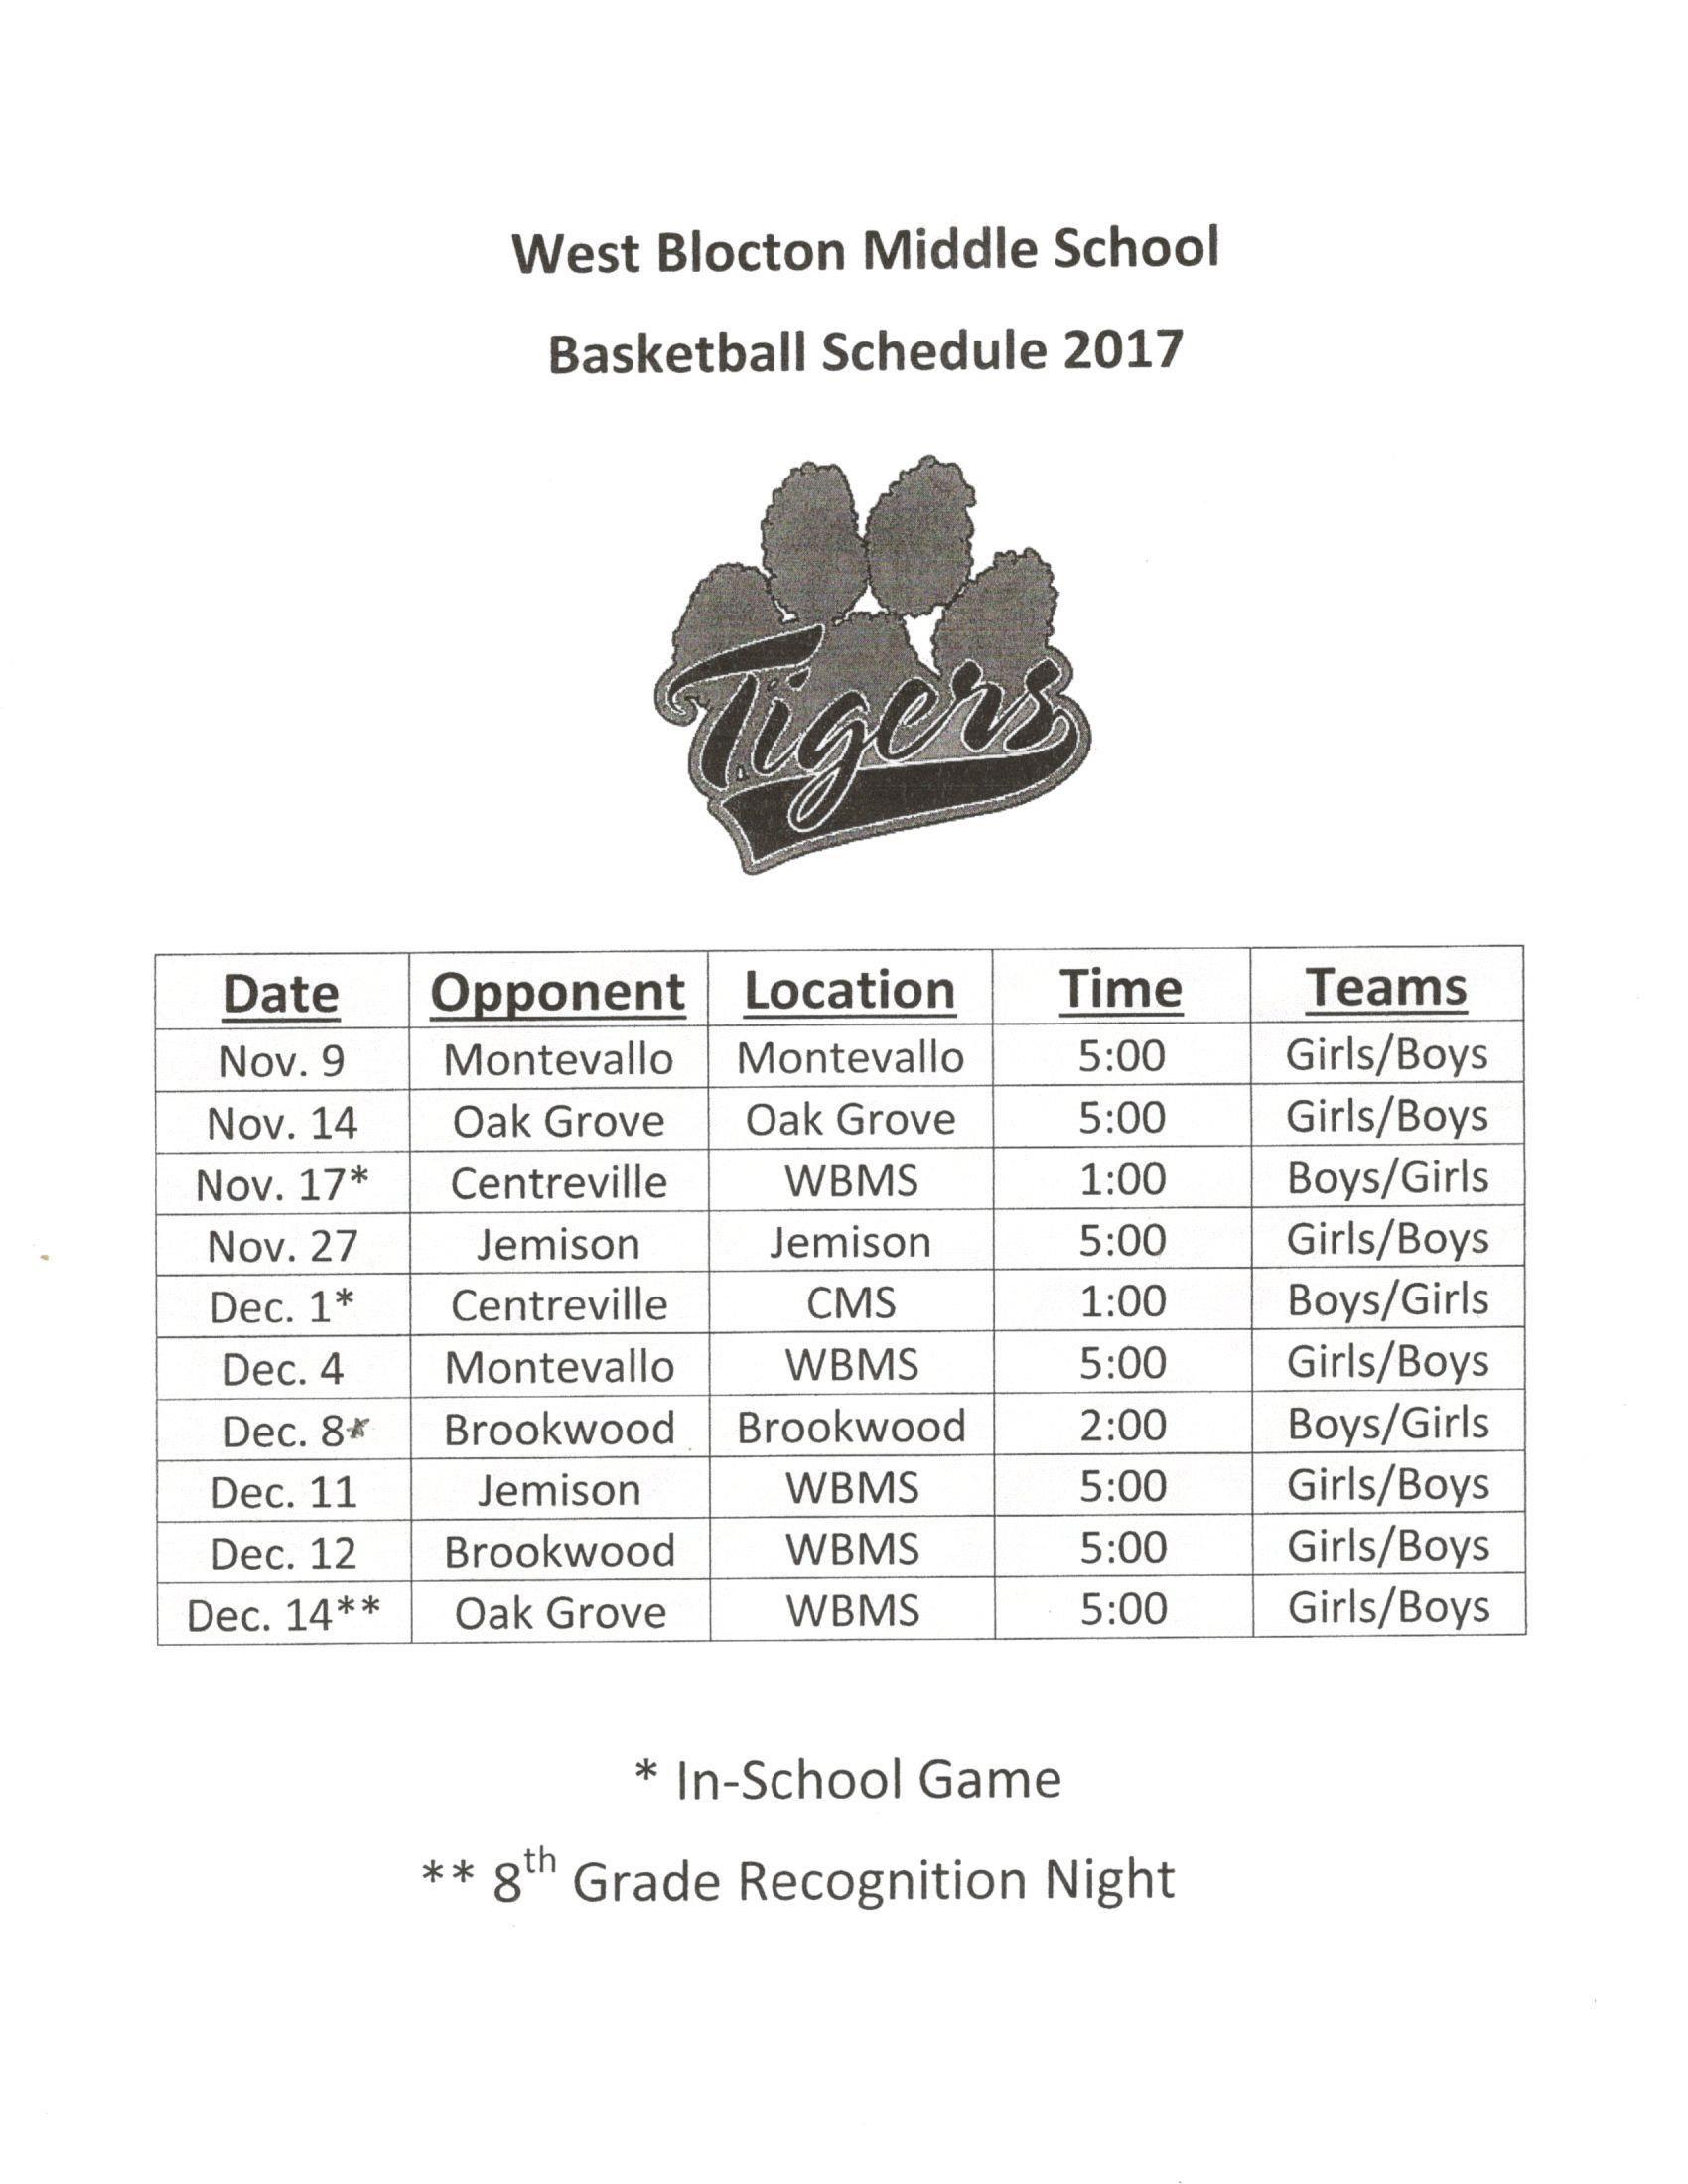 2017-18 WBMS Girls Basketball Schedule